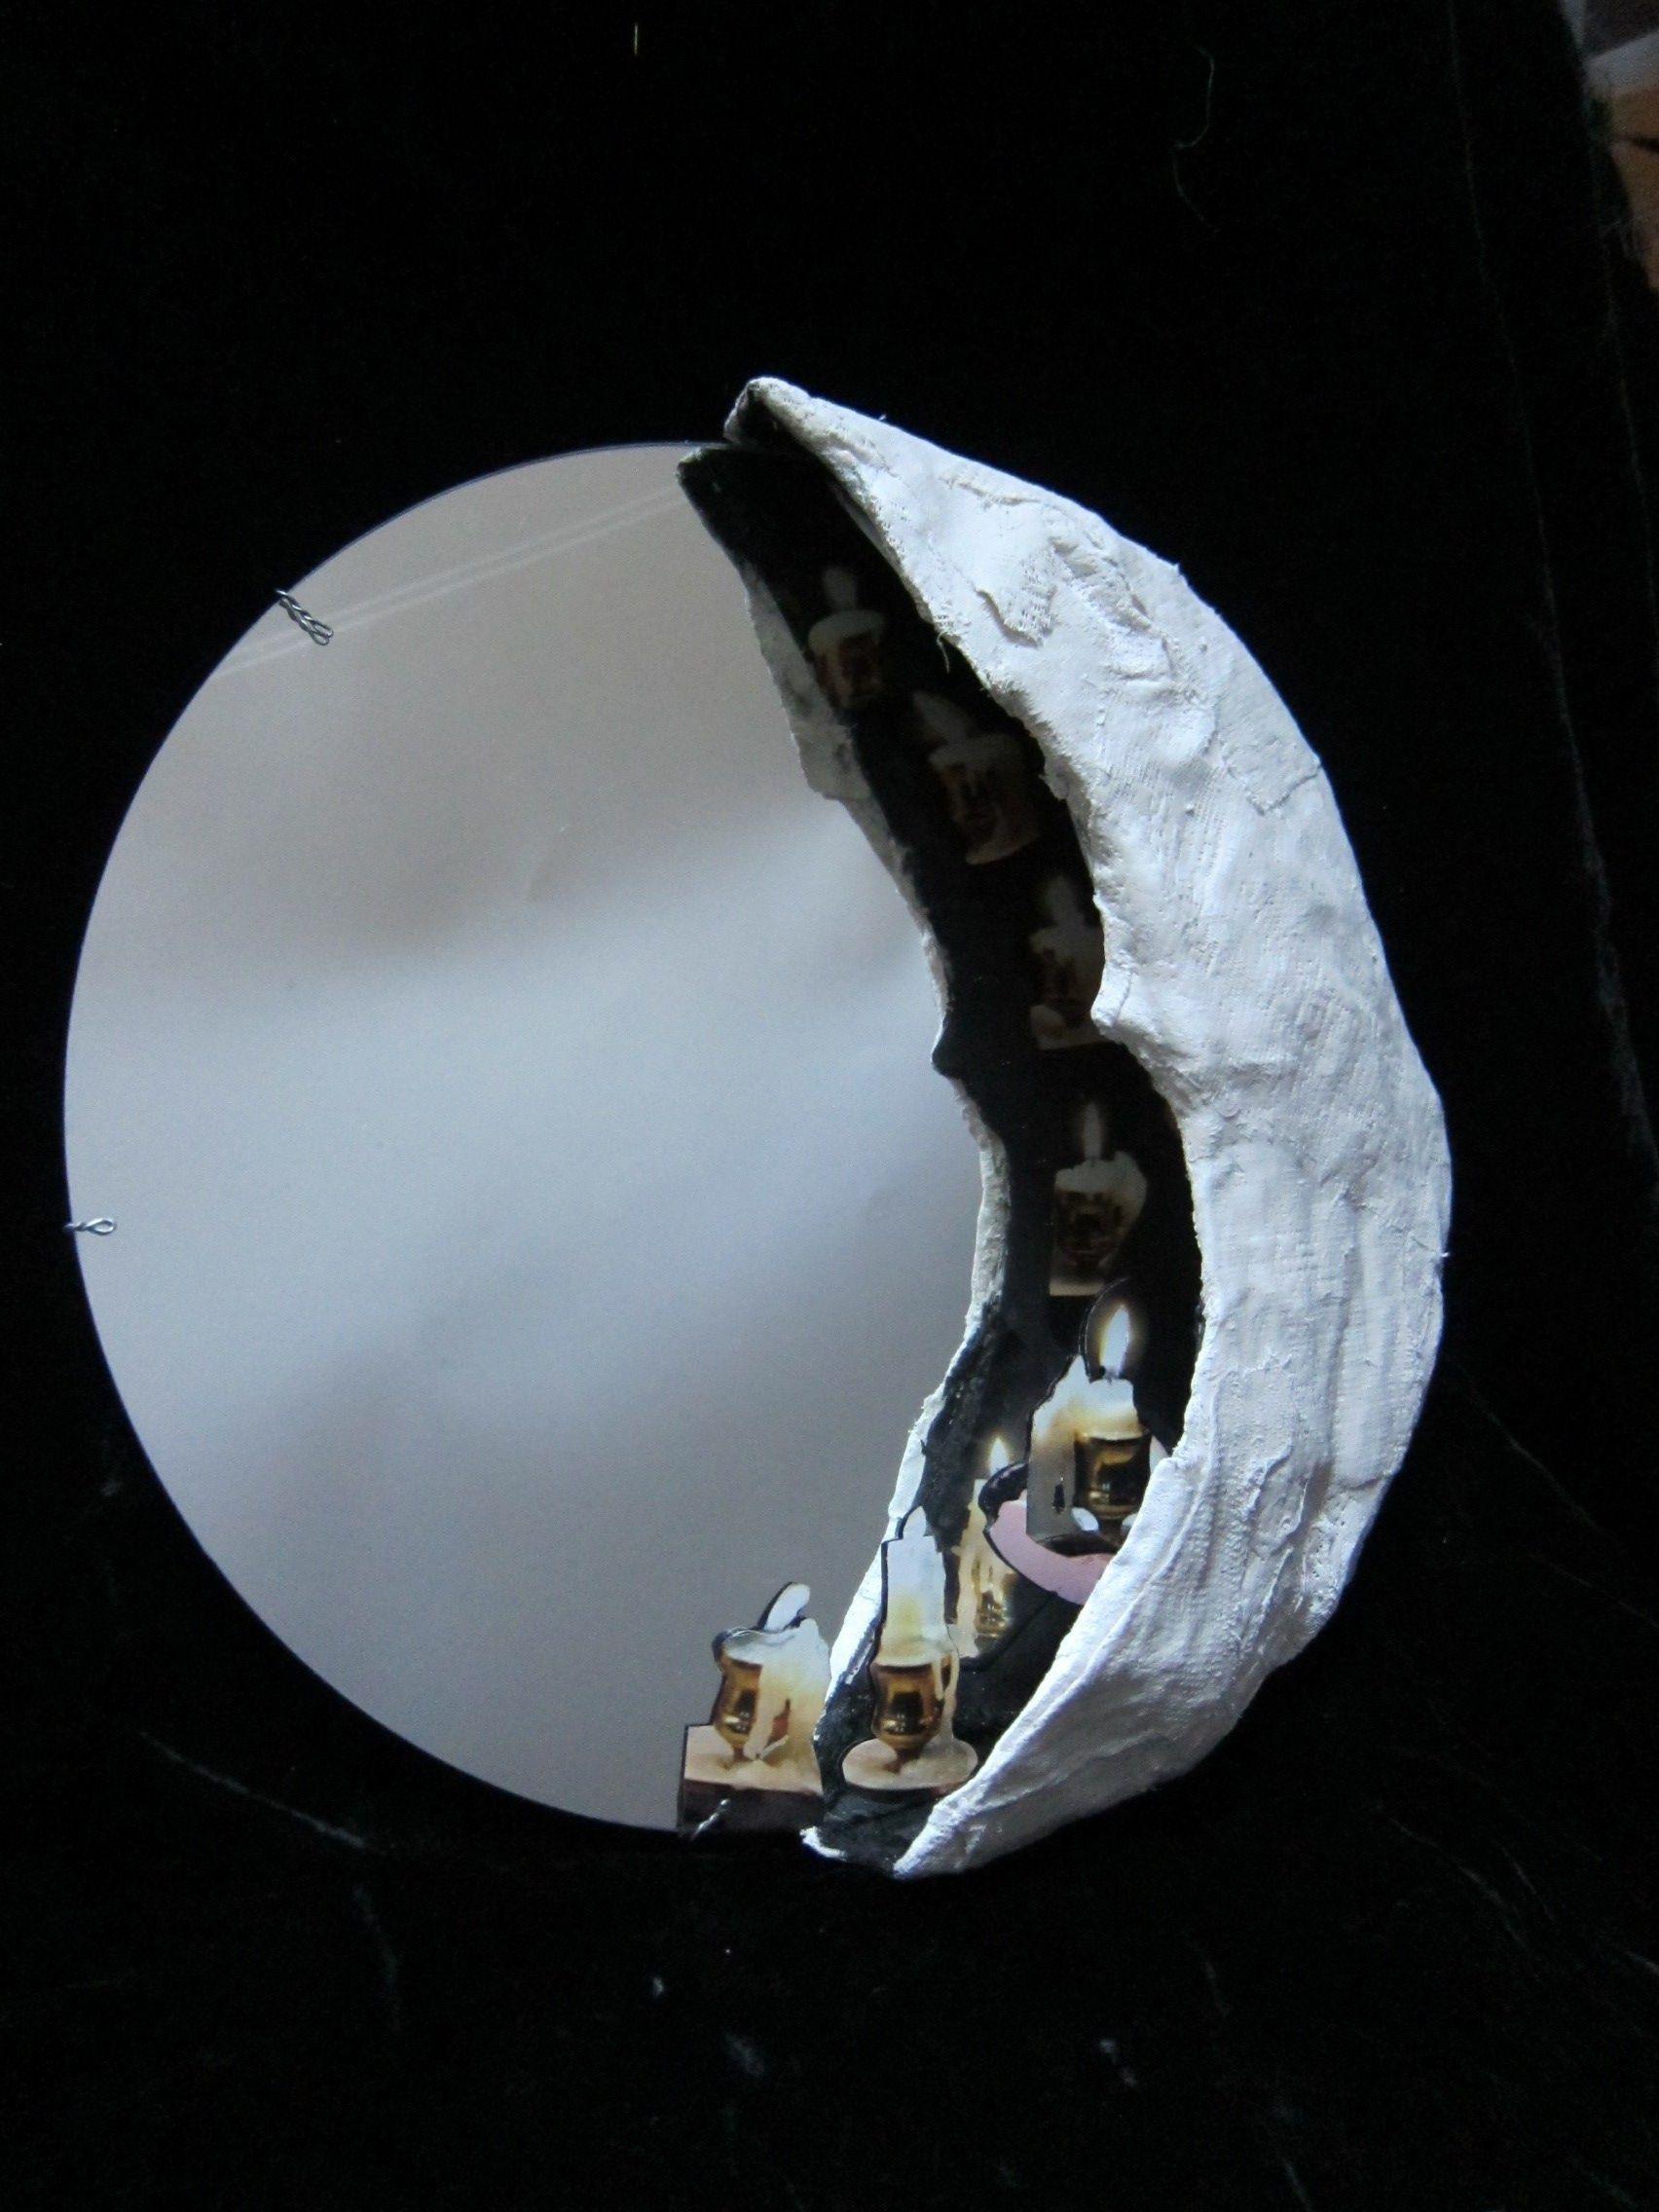 ?Rosh Hodesh Reflection? by Elizheva Hurvich